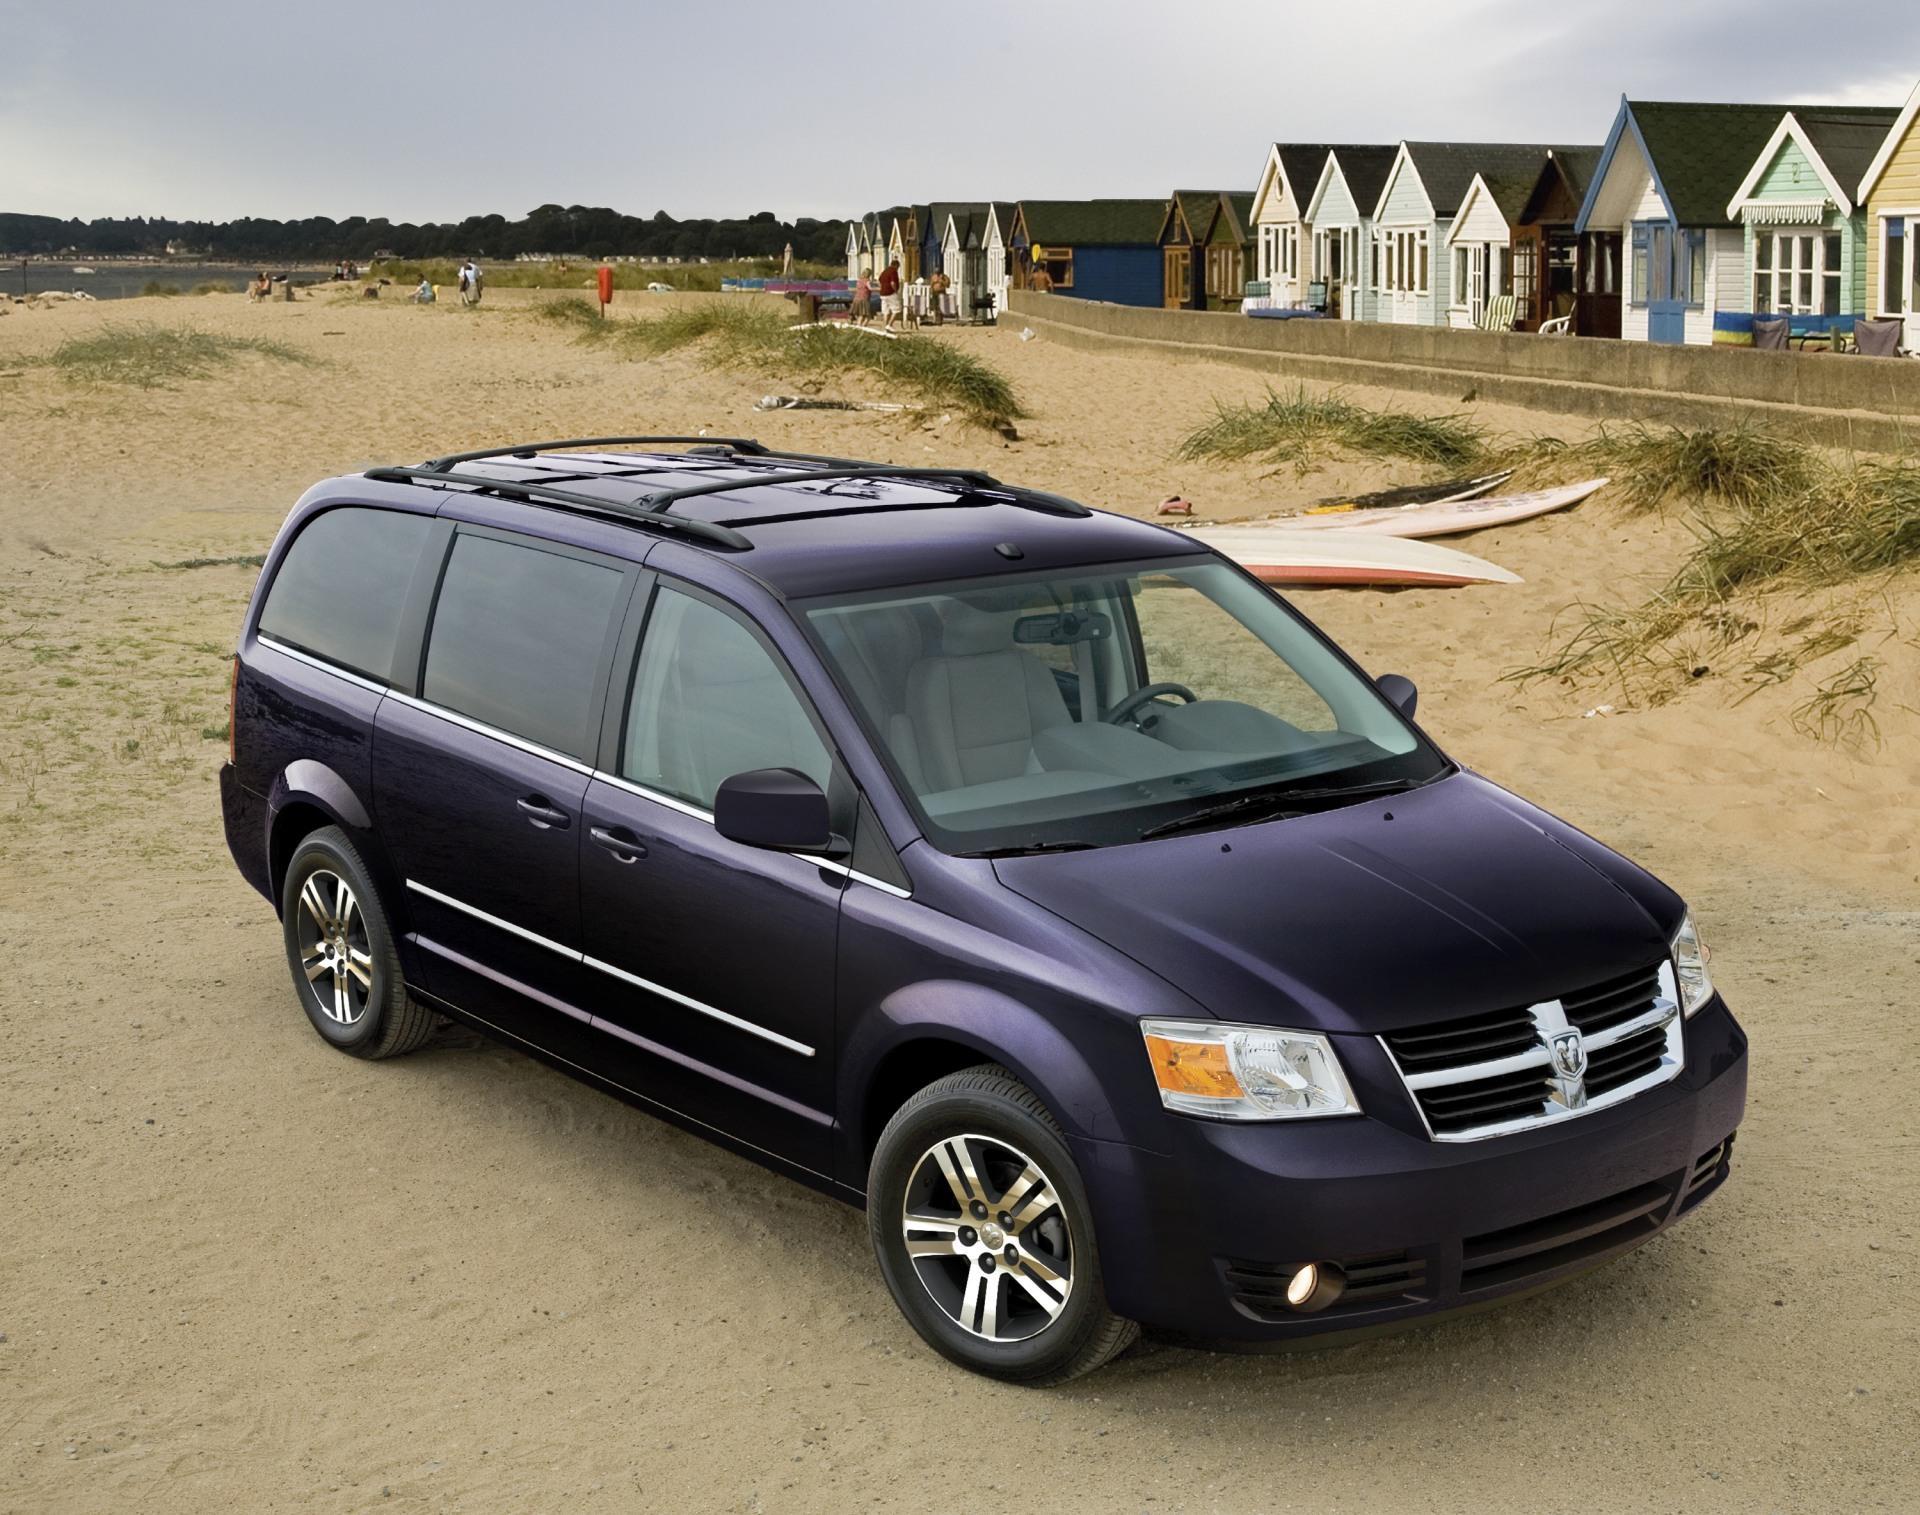 2010 dodge grand caravan news and information. Black Bedroom Furniture Sets. Home Design Ideas